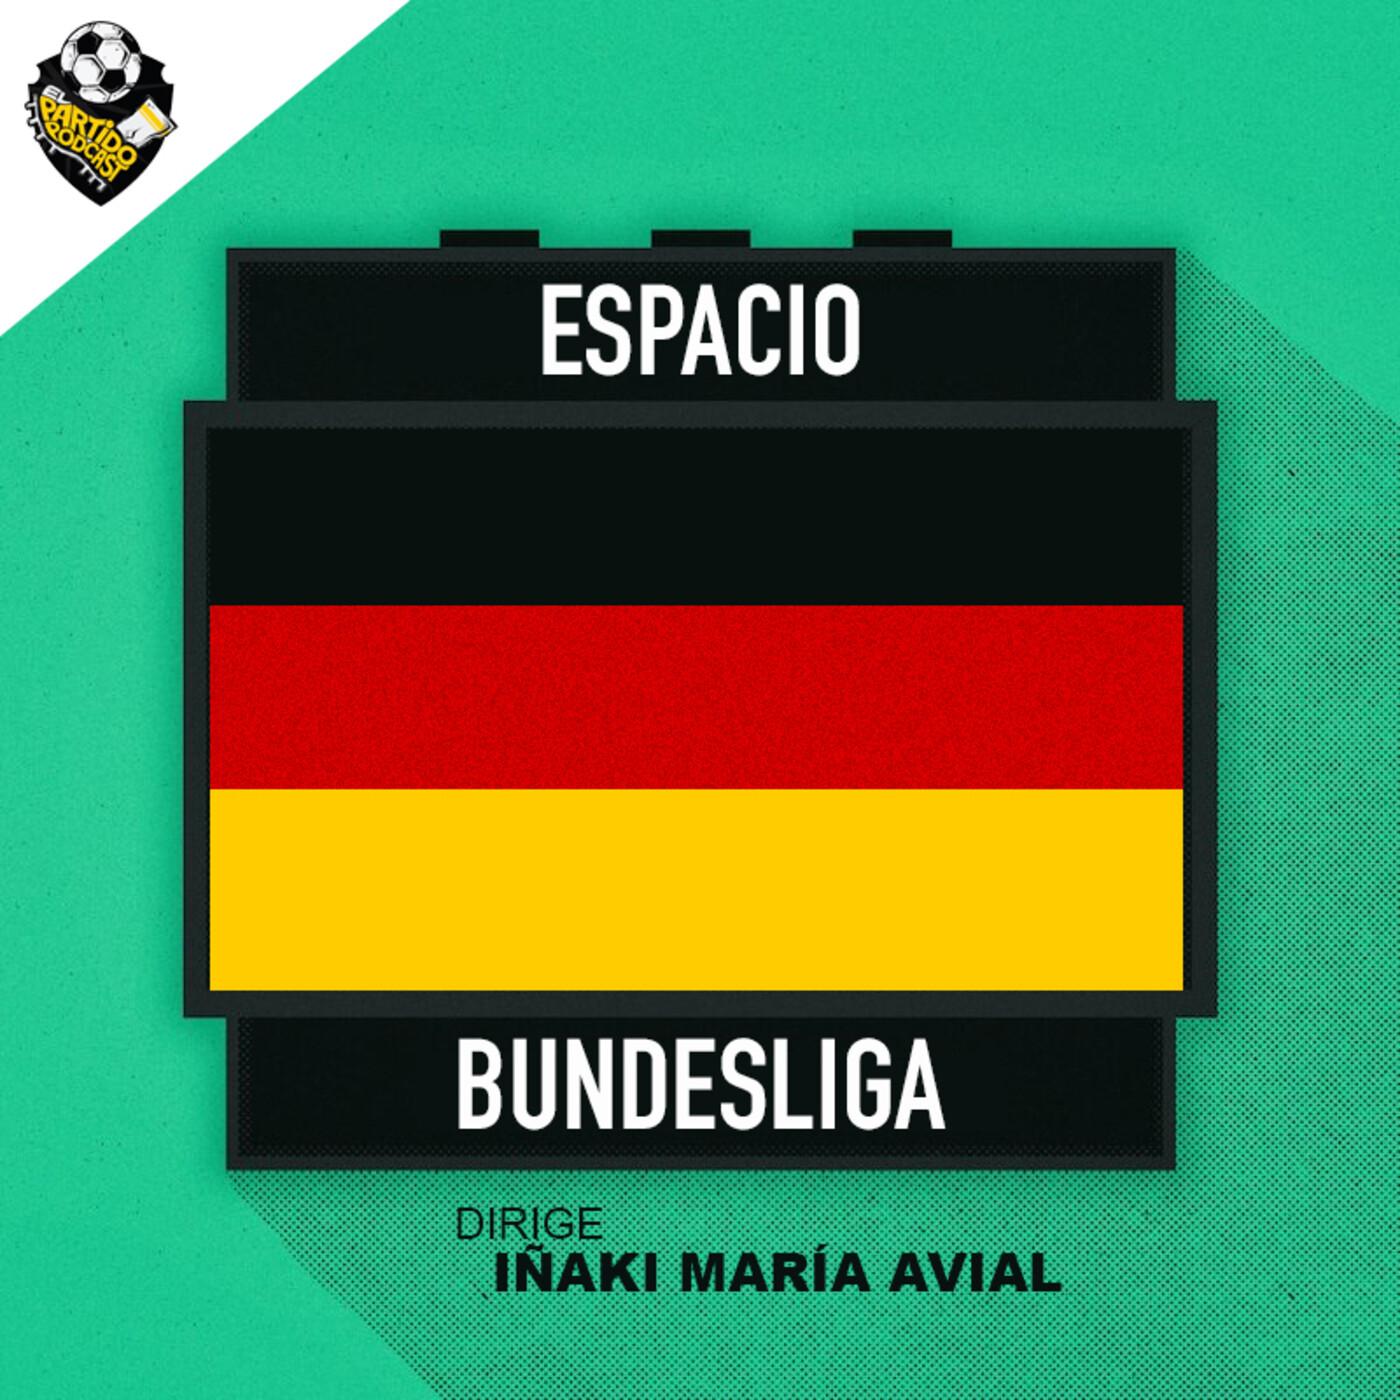 Ep 430: La selección alemana y jóvenes promesas del fútbol teutón.